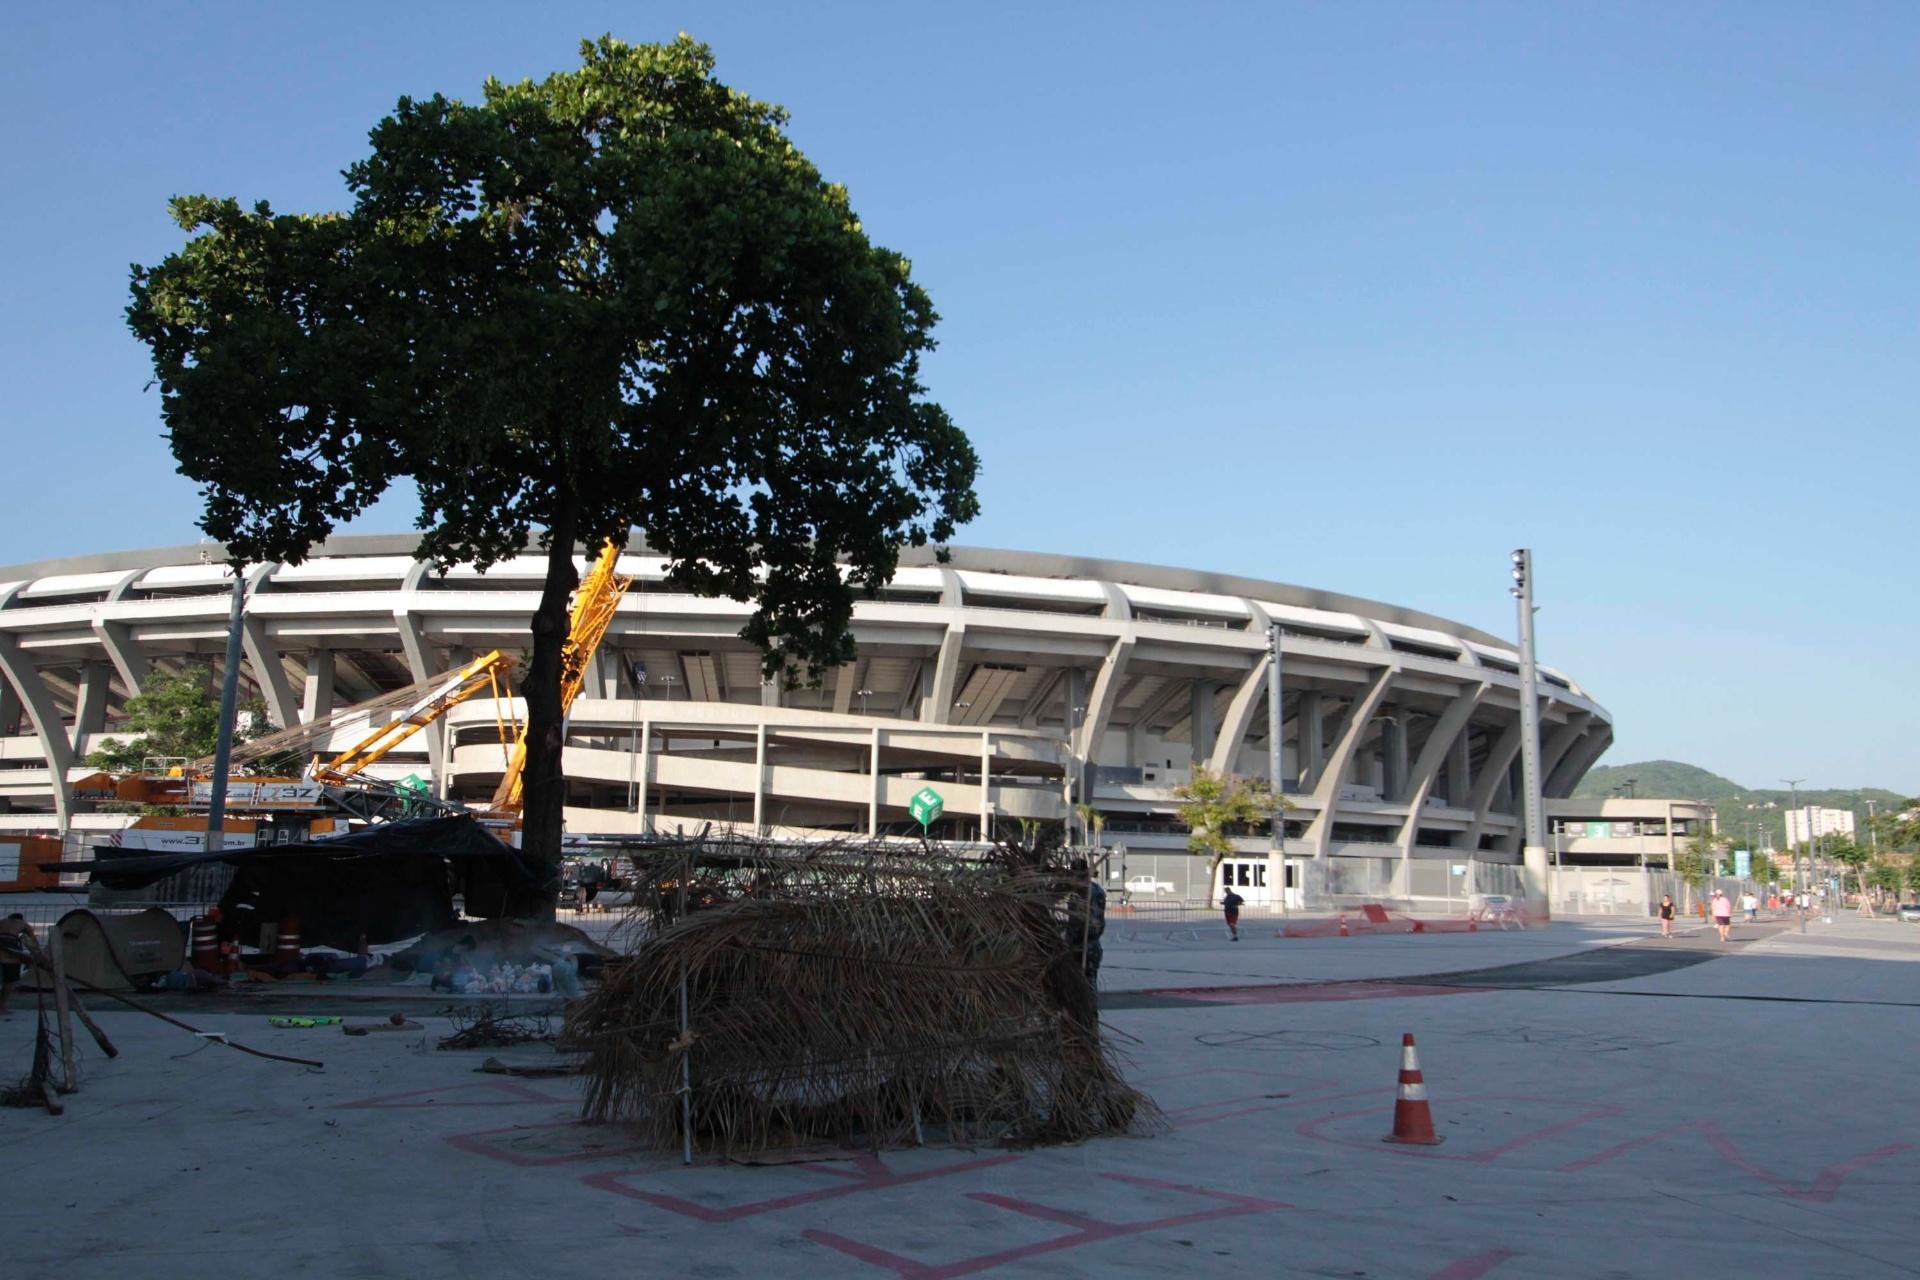 26.dez.2013 - Grupo indígena acampou e montou uma oca na frente do estádio do Maracanã para protestar por esvaziamento do antigo Museu do Índio nas proximidades